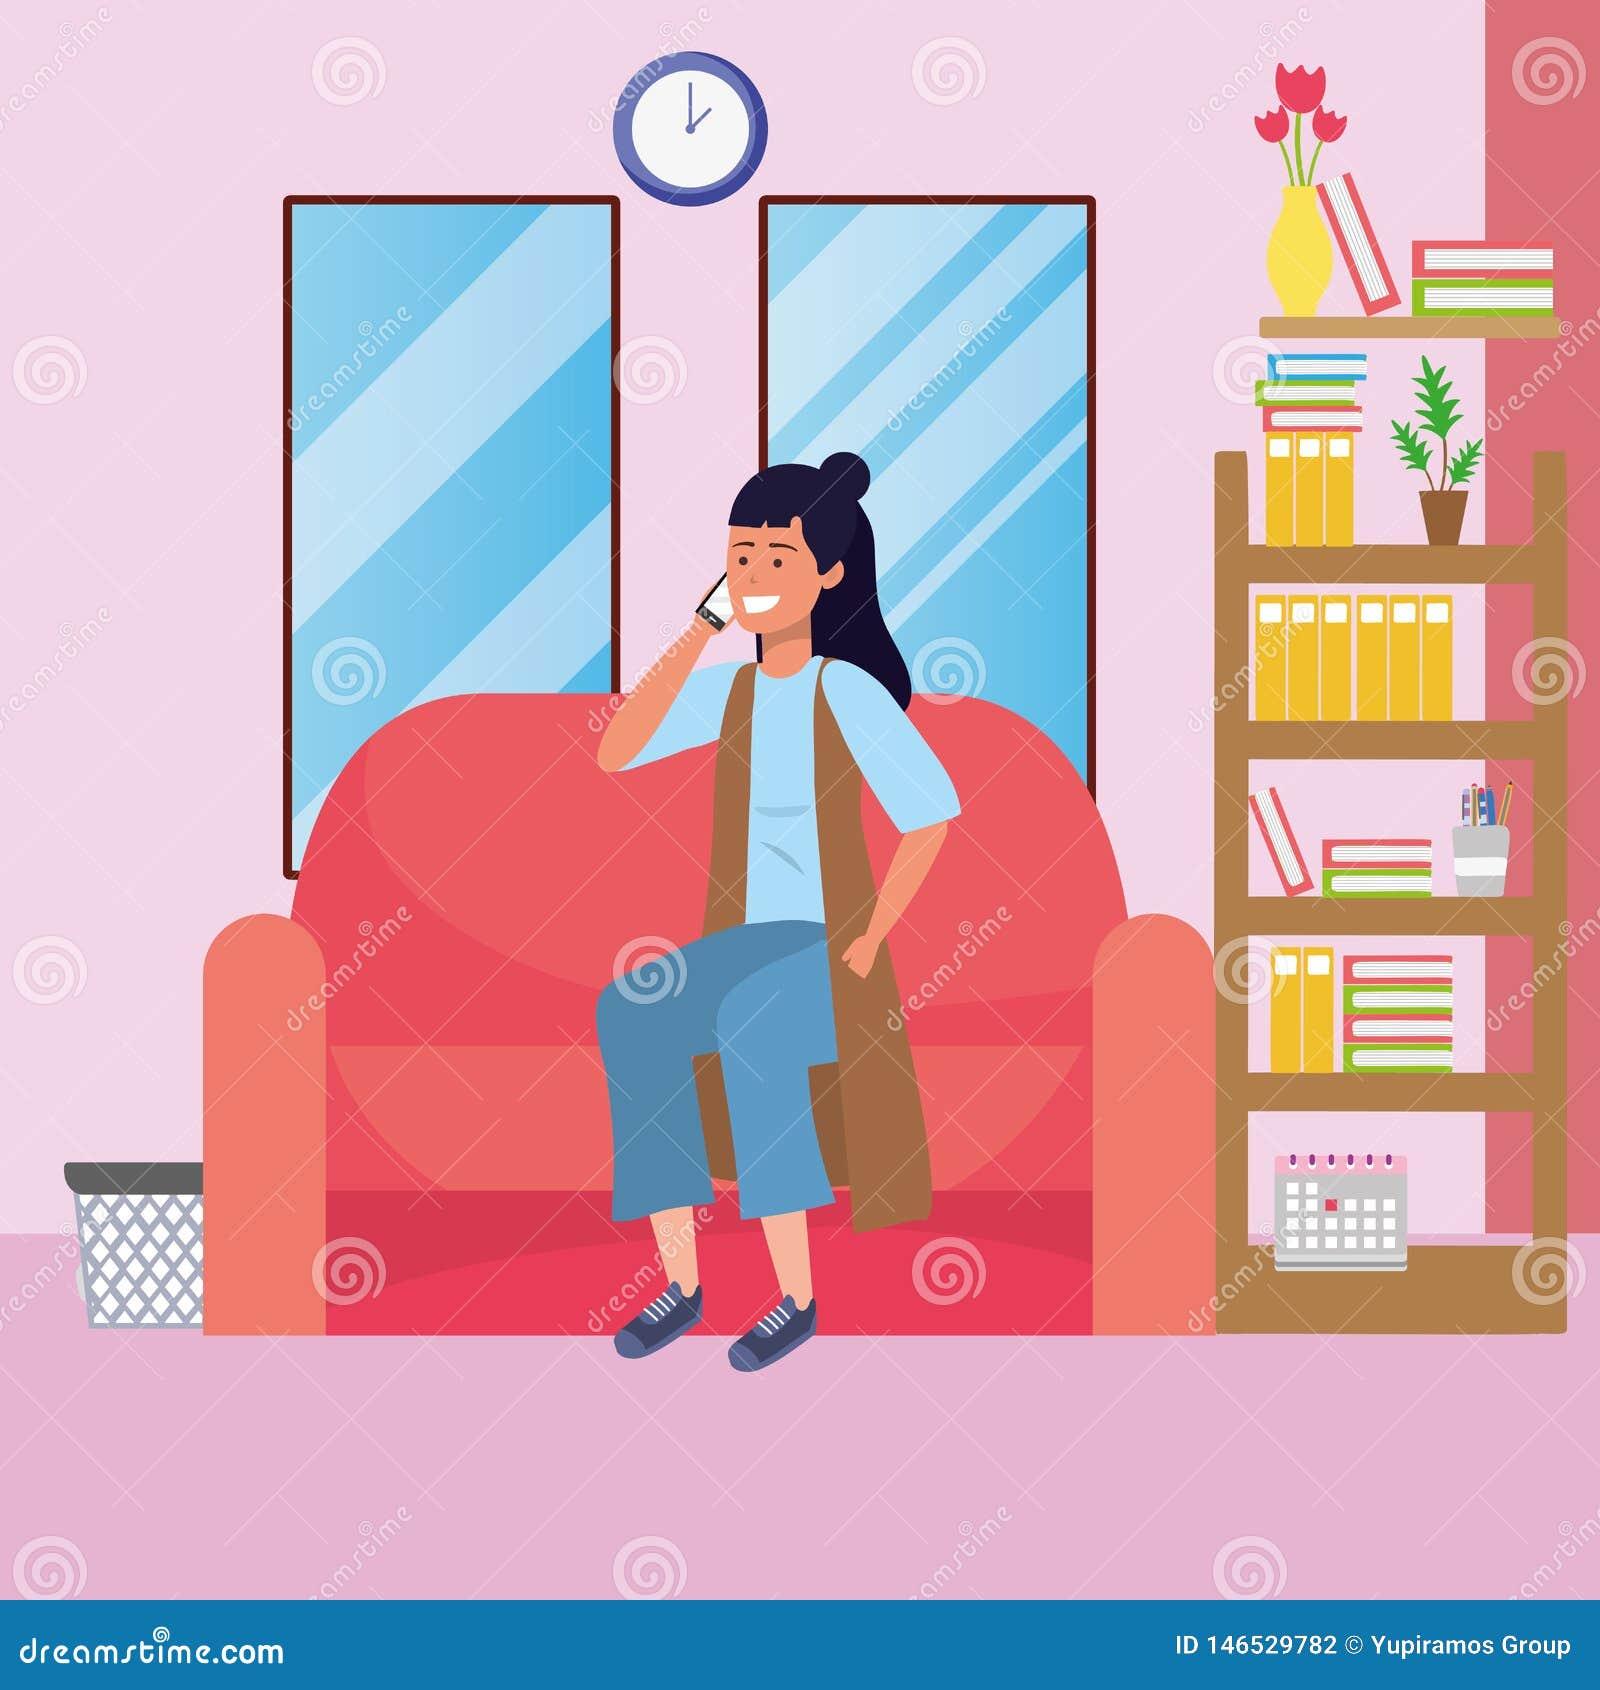 Millennial Student Dorm Room Stock Vector Illustration Of